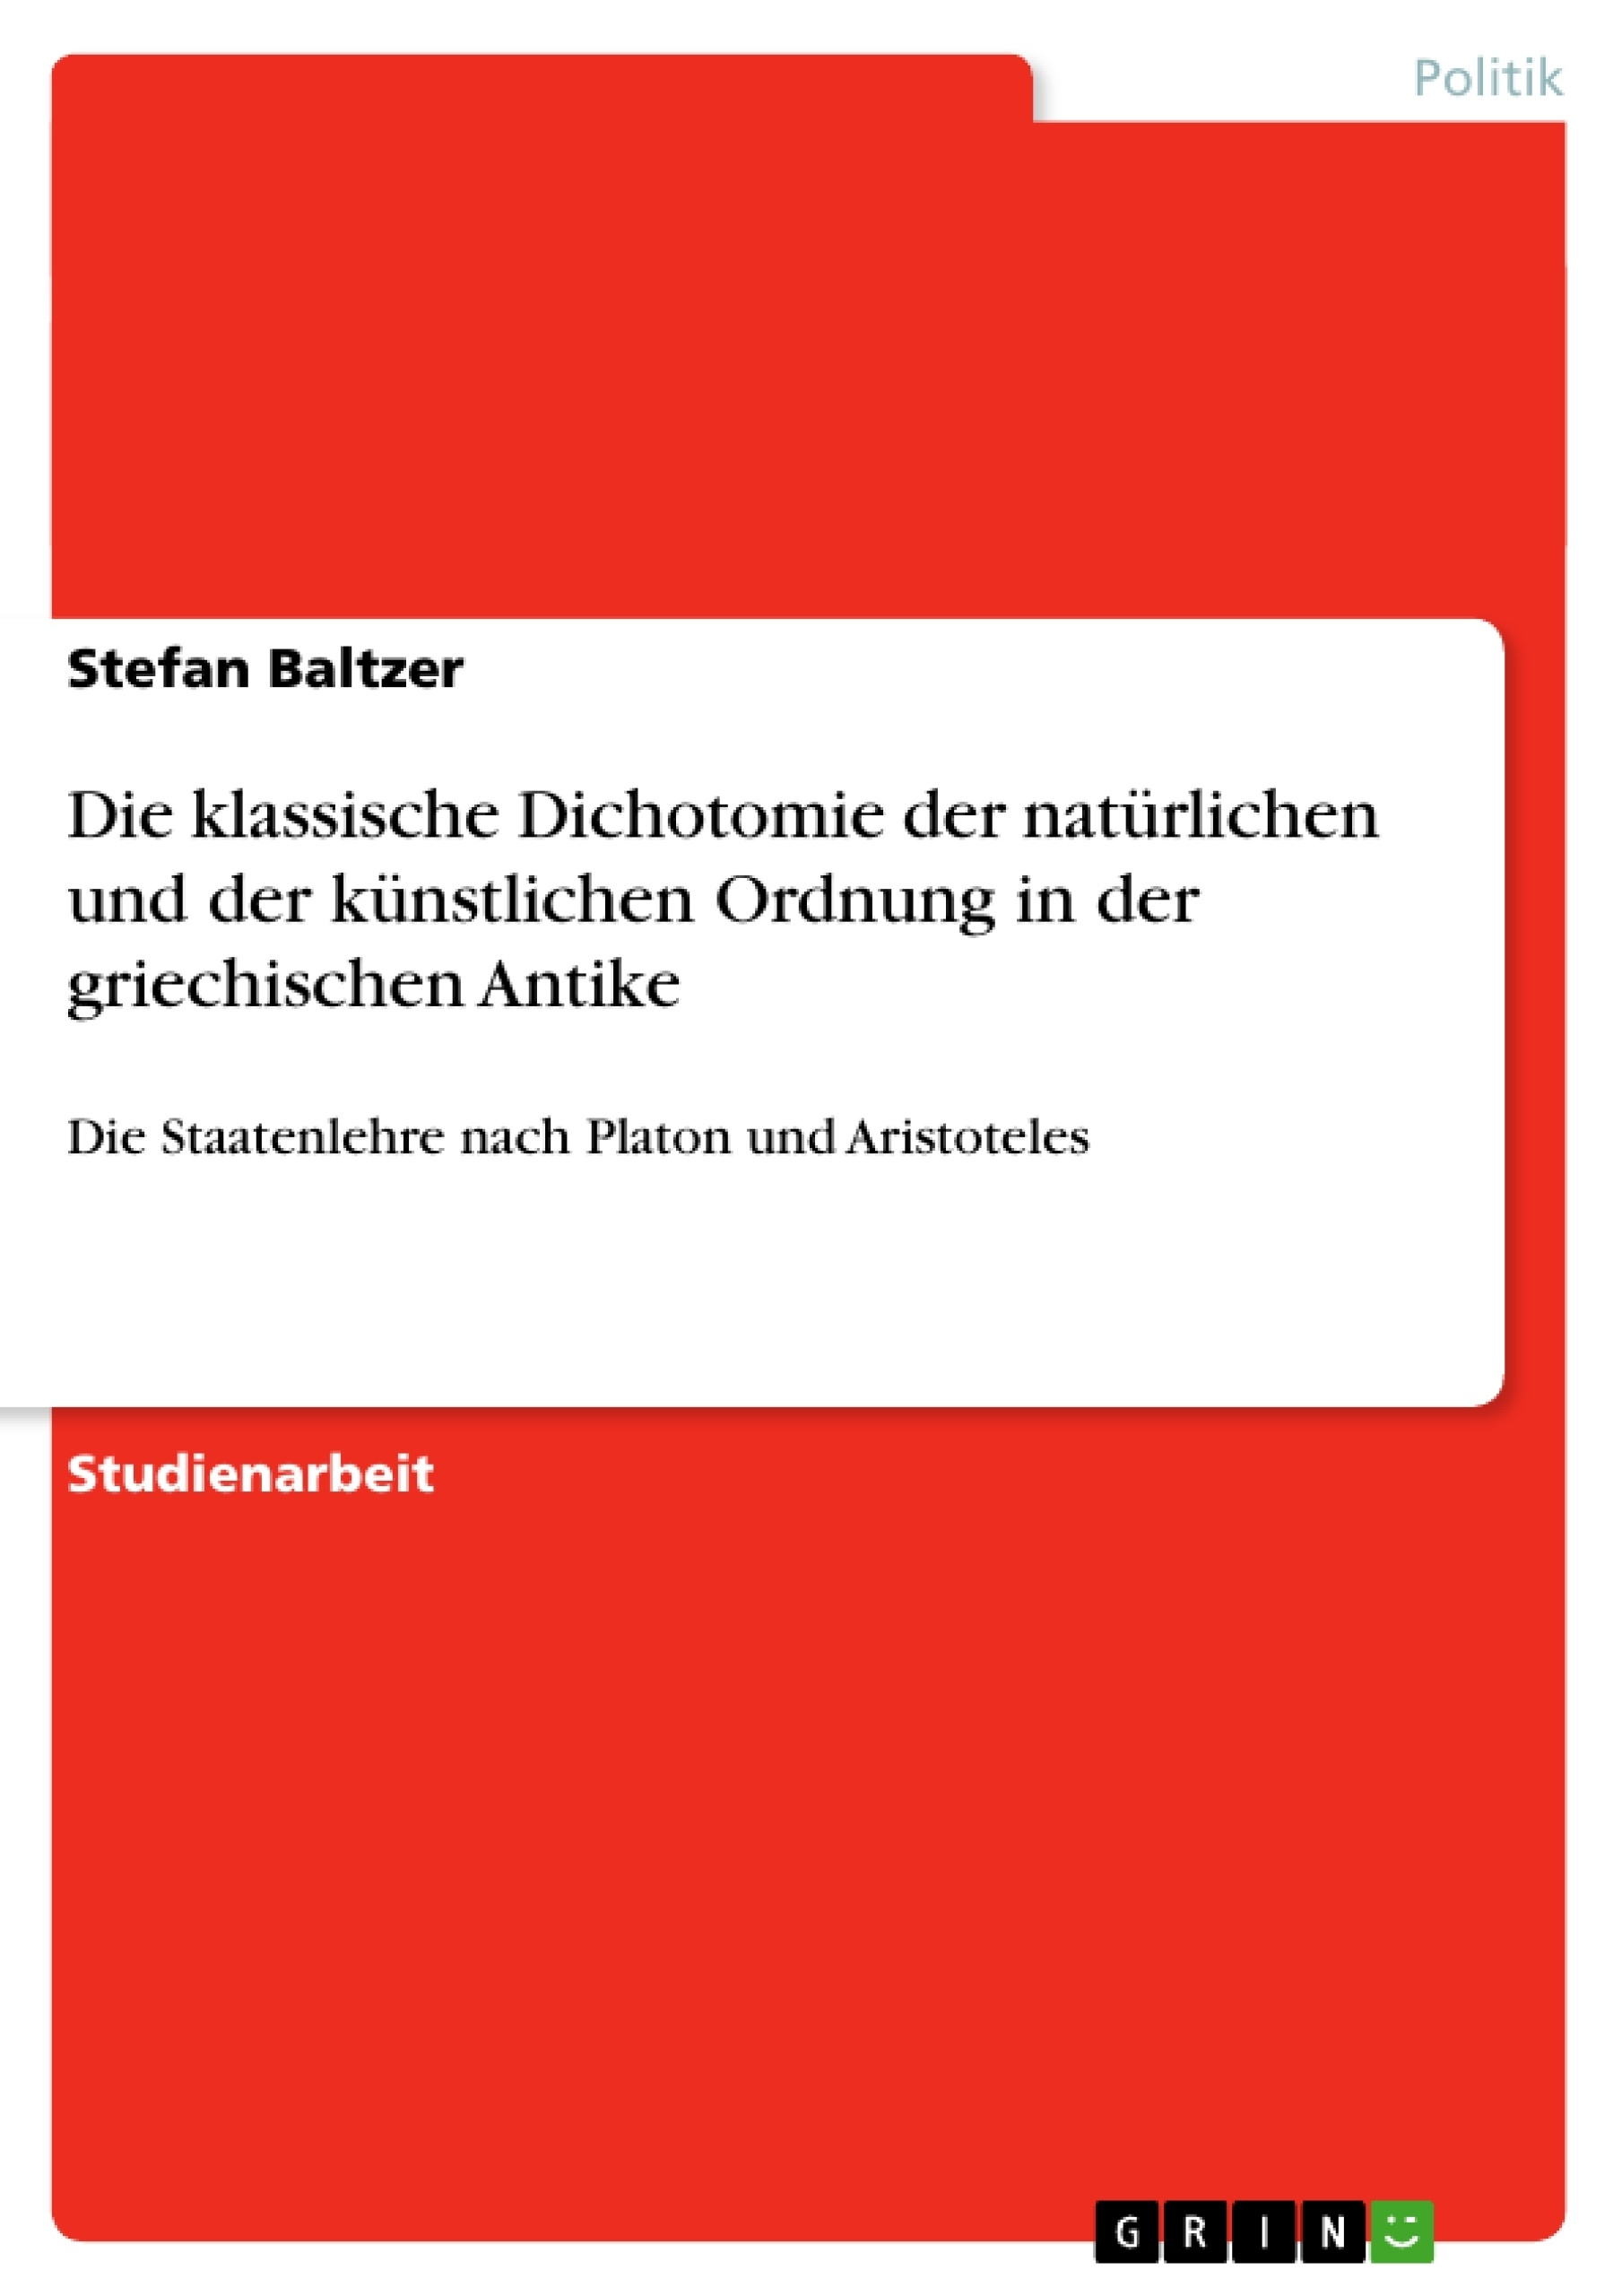 Titel: Die klassische Dichotomie der natürlichen und der künstlichen Ordnung in der griechischen Antike